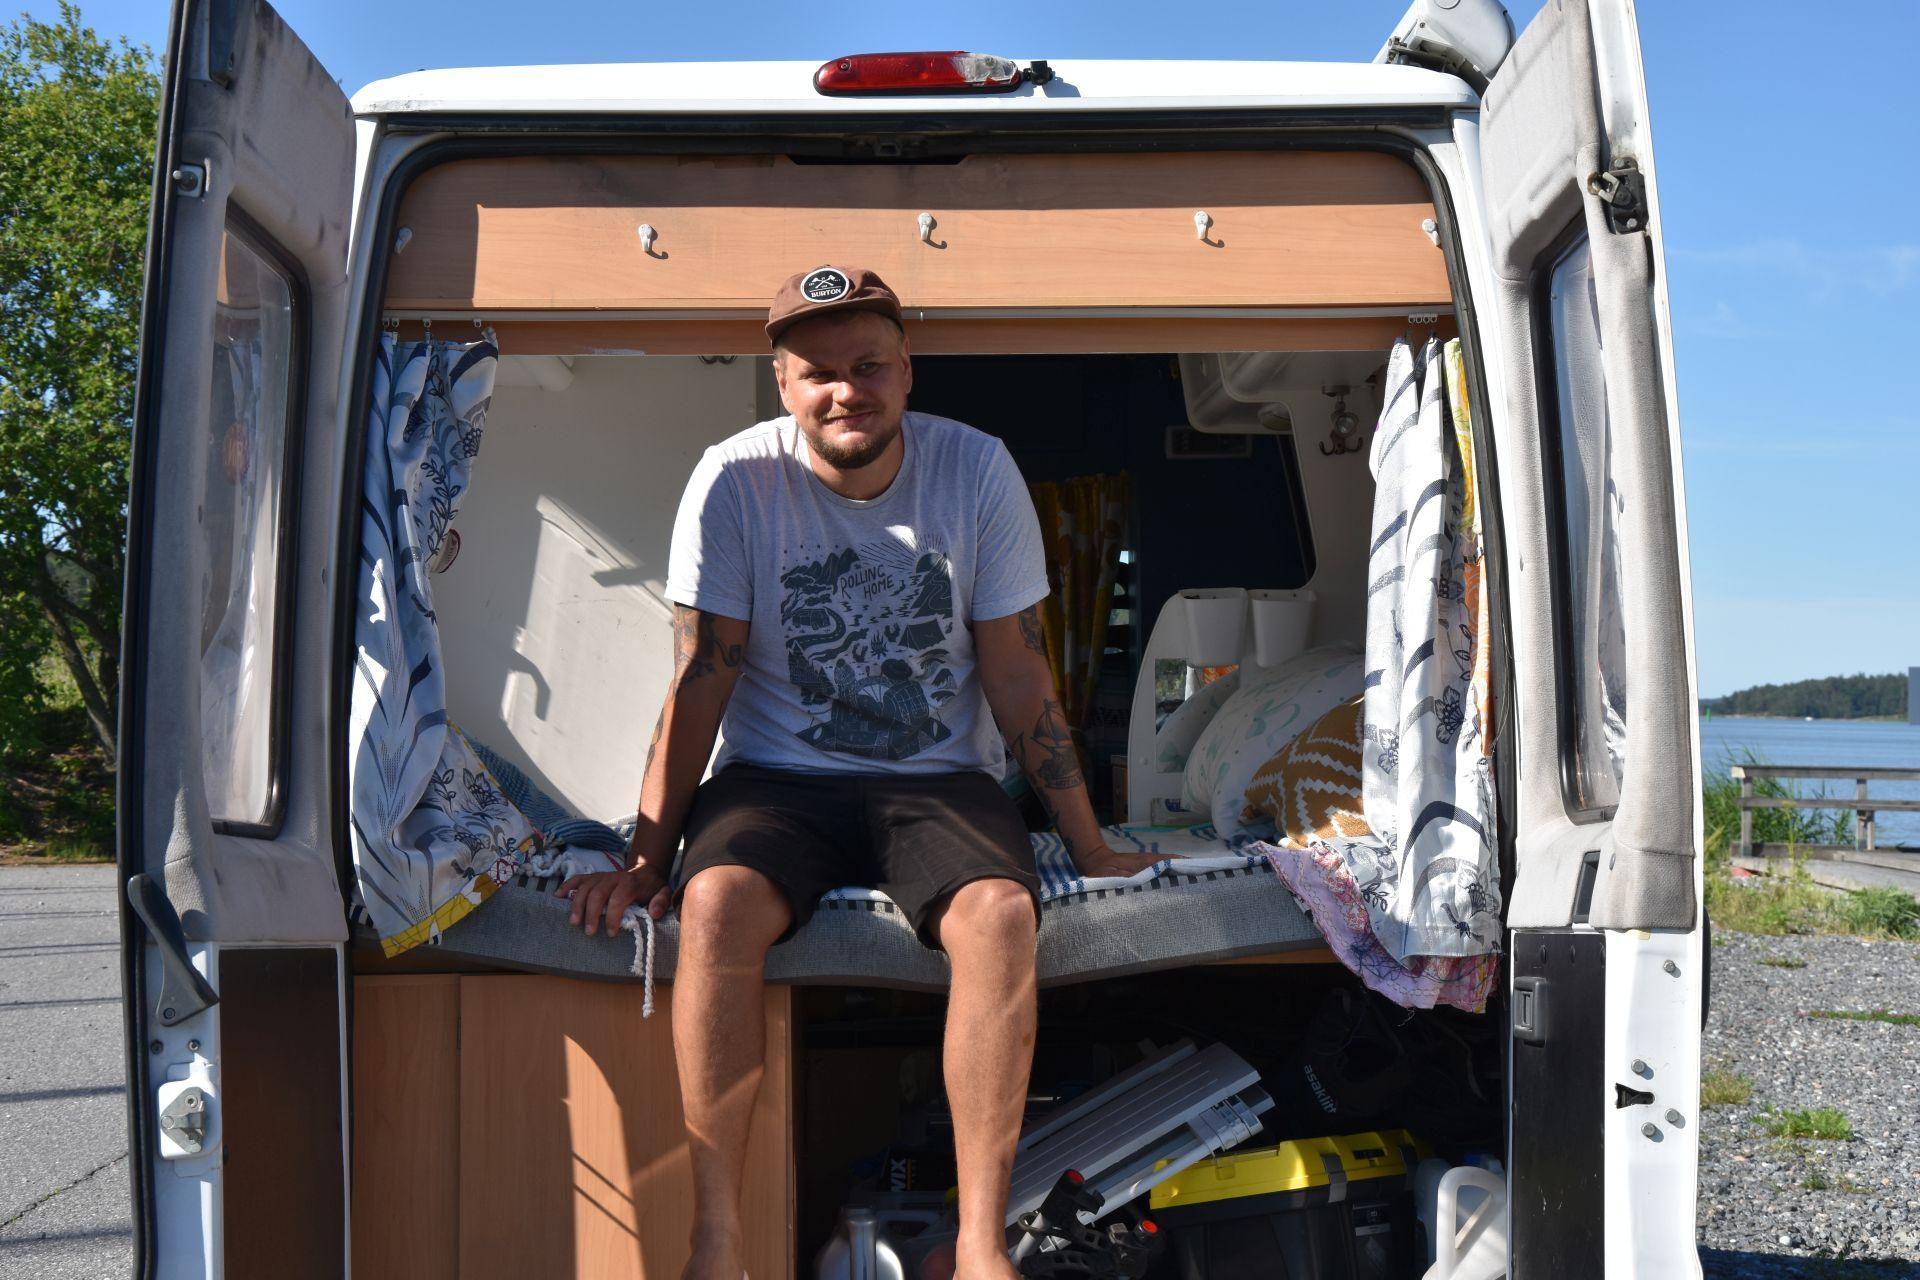 En man klädd i shorts, t-skjorta och keps sitter på en säng som finns i den öppna bakluckan av en paketbil.